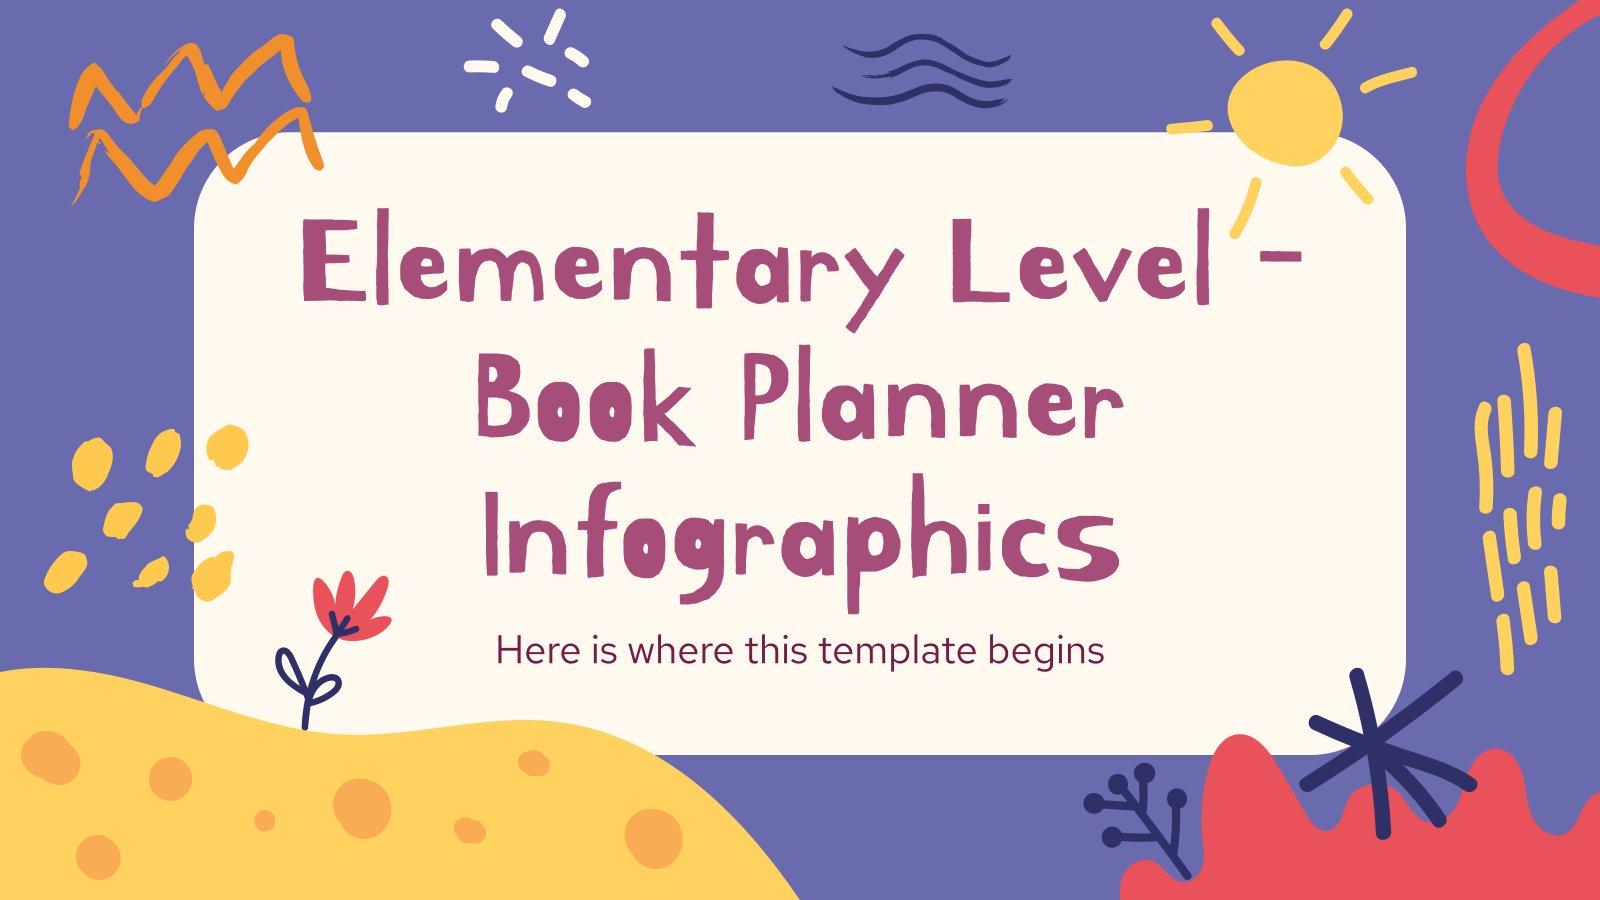 Infographies niveau primaire - planificateur : Modèles de présentation